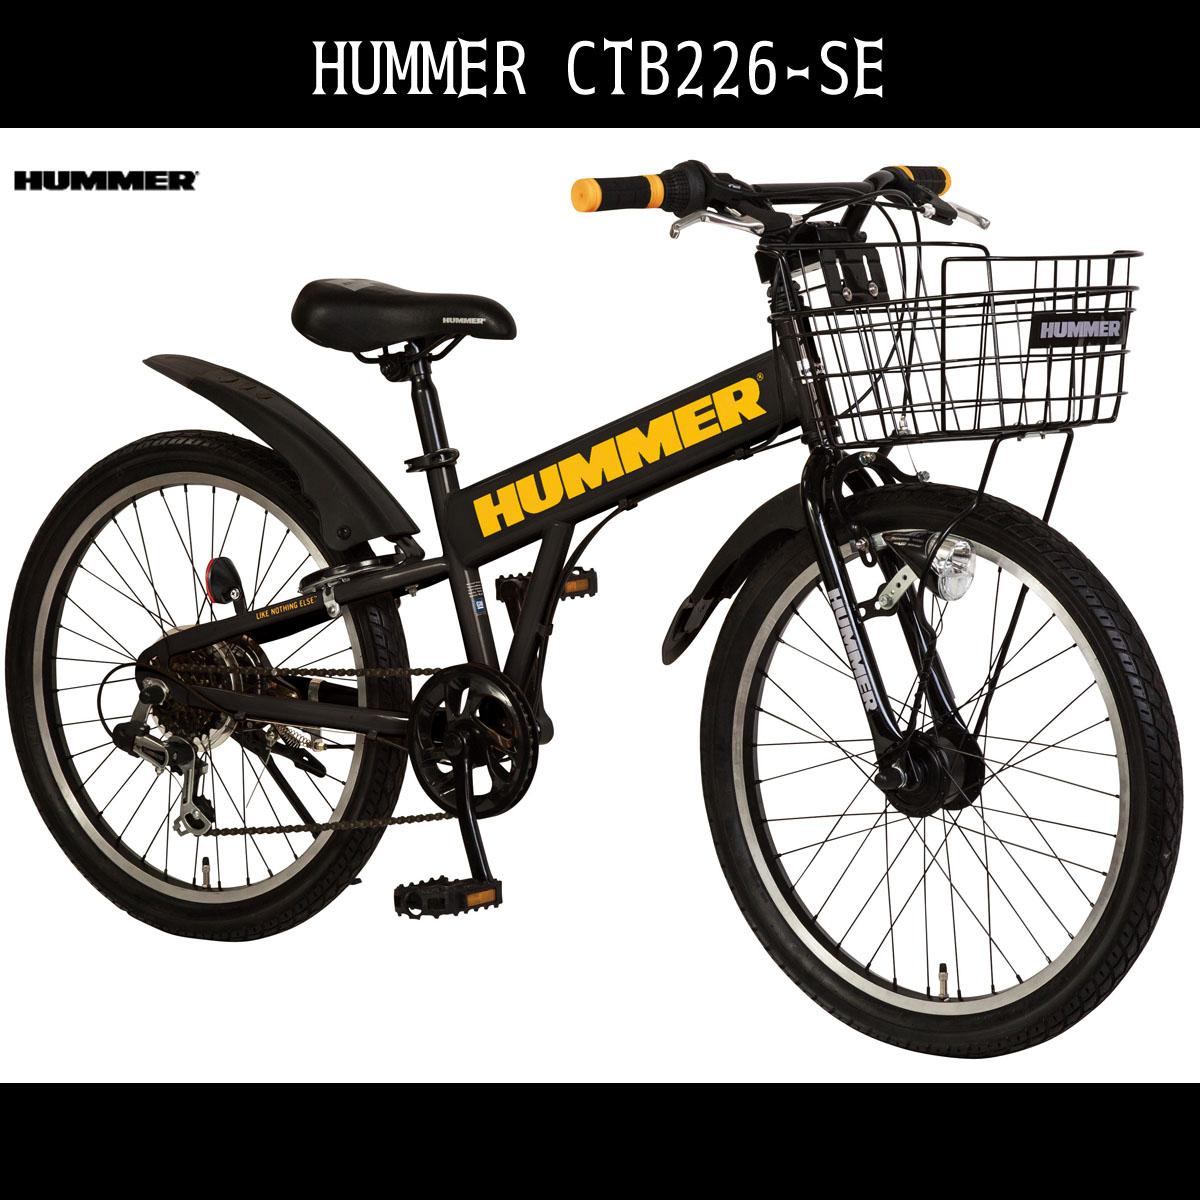 子供用 マウンテンバイク 自転車 ハマー HUMMER 自転車 ブラック 黒 22インチ 外装6段変速ギア LEDオートライト 泥除け かご付 鍵付 ハマー 自転車 HUMMER CTB226-SE マウンテンバイク男の子キッズ 自転車 ジュニア